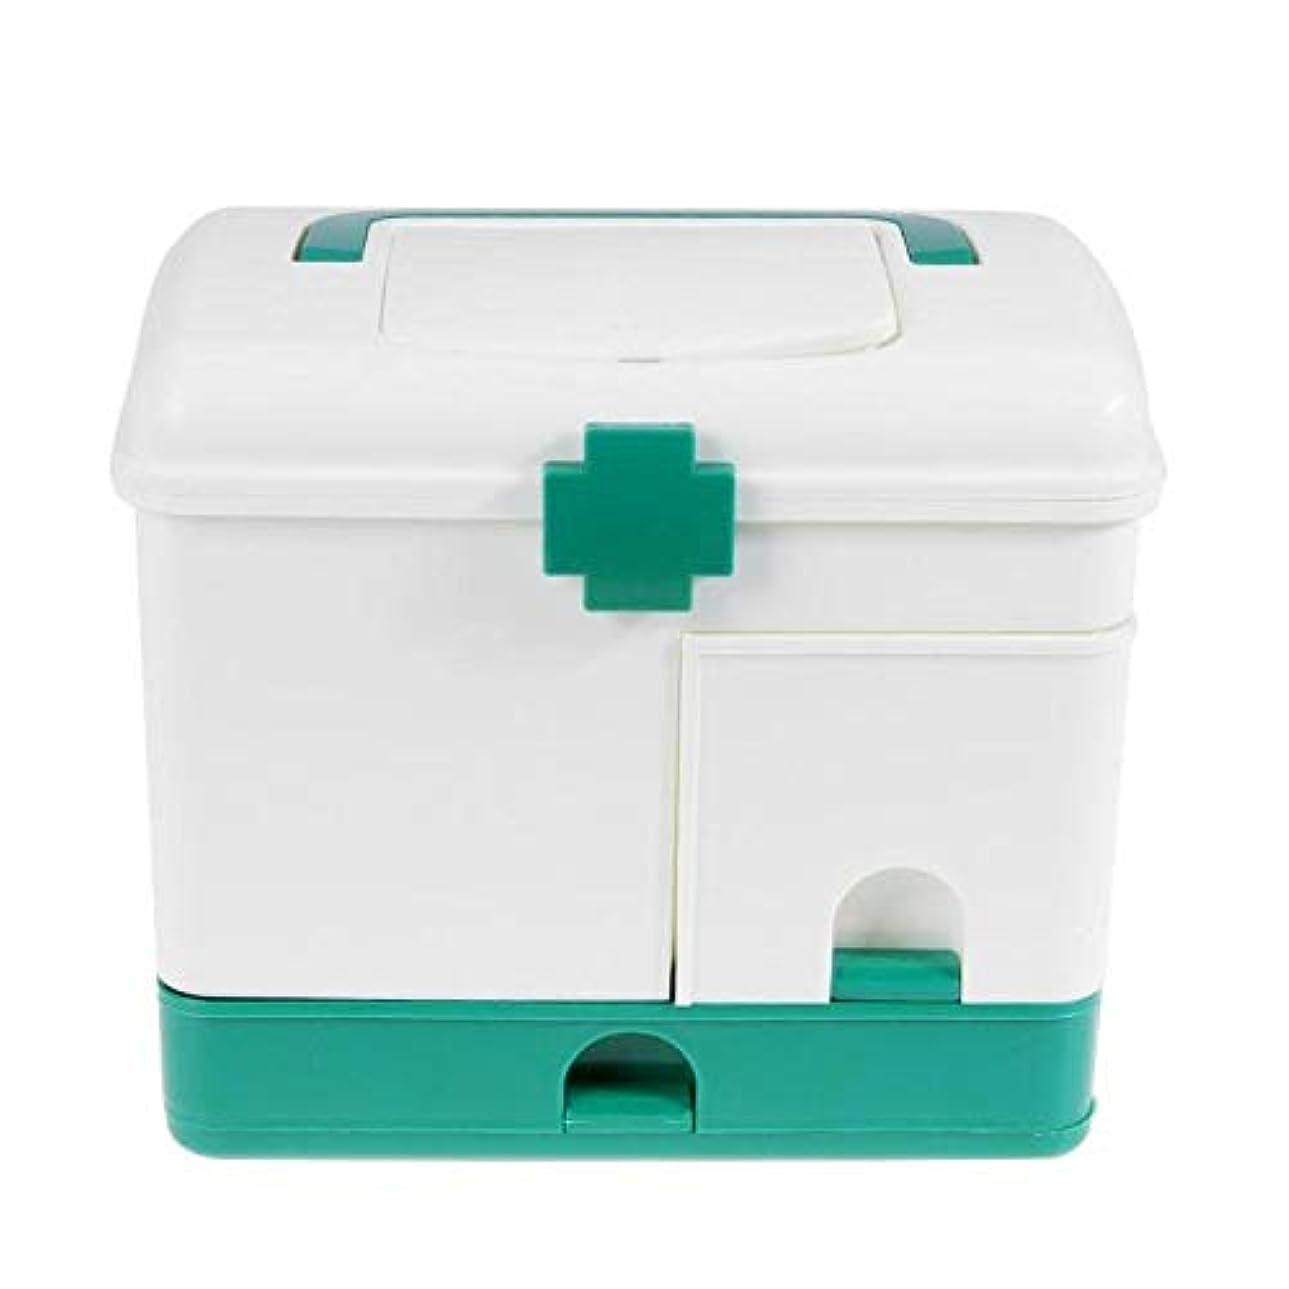 オープニング博物館リフレッシュYxsd 応急処置キット プラスチック製医療箱救急箱箱、多層緊急保管ヘルスケア、ピルホルダーケース